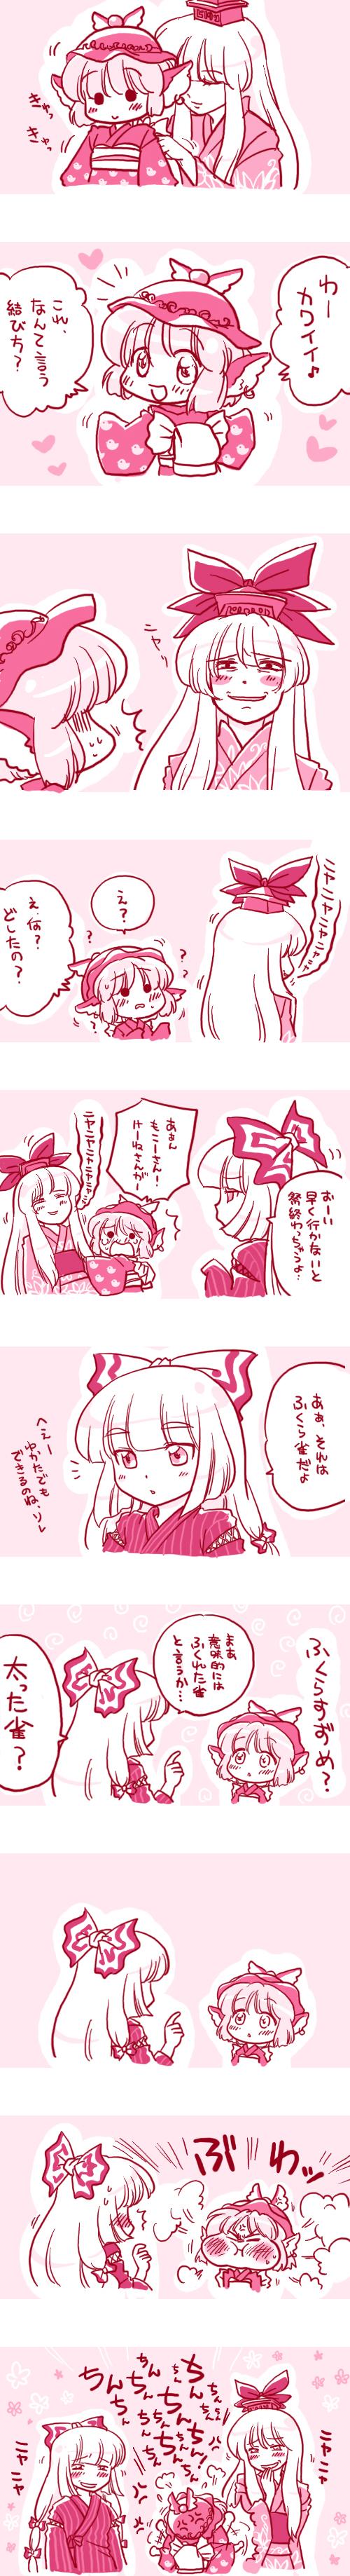 fujiwara no mokou, kamishirasawa keine, and mystia lorelei (touhou) drawn by nekomura otako